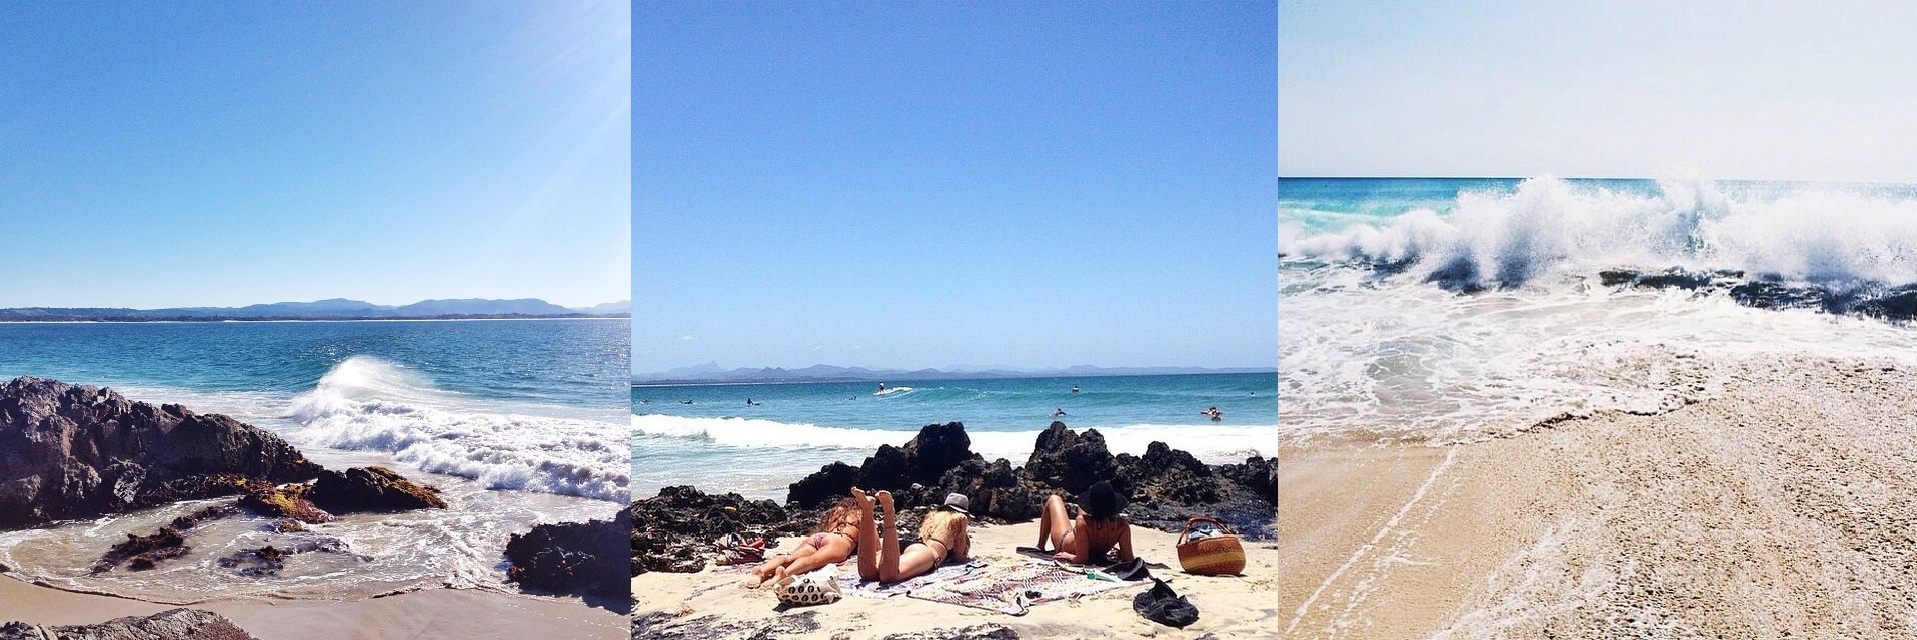 Surfstitch - beaches